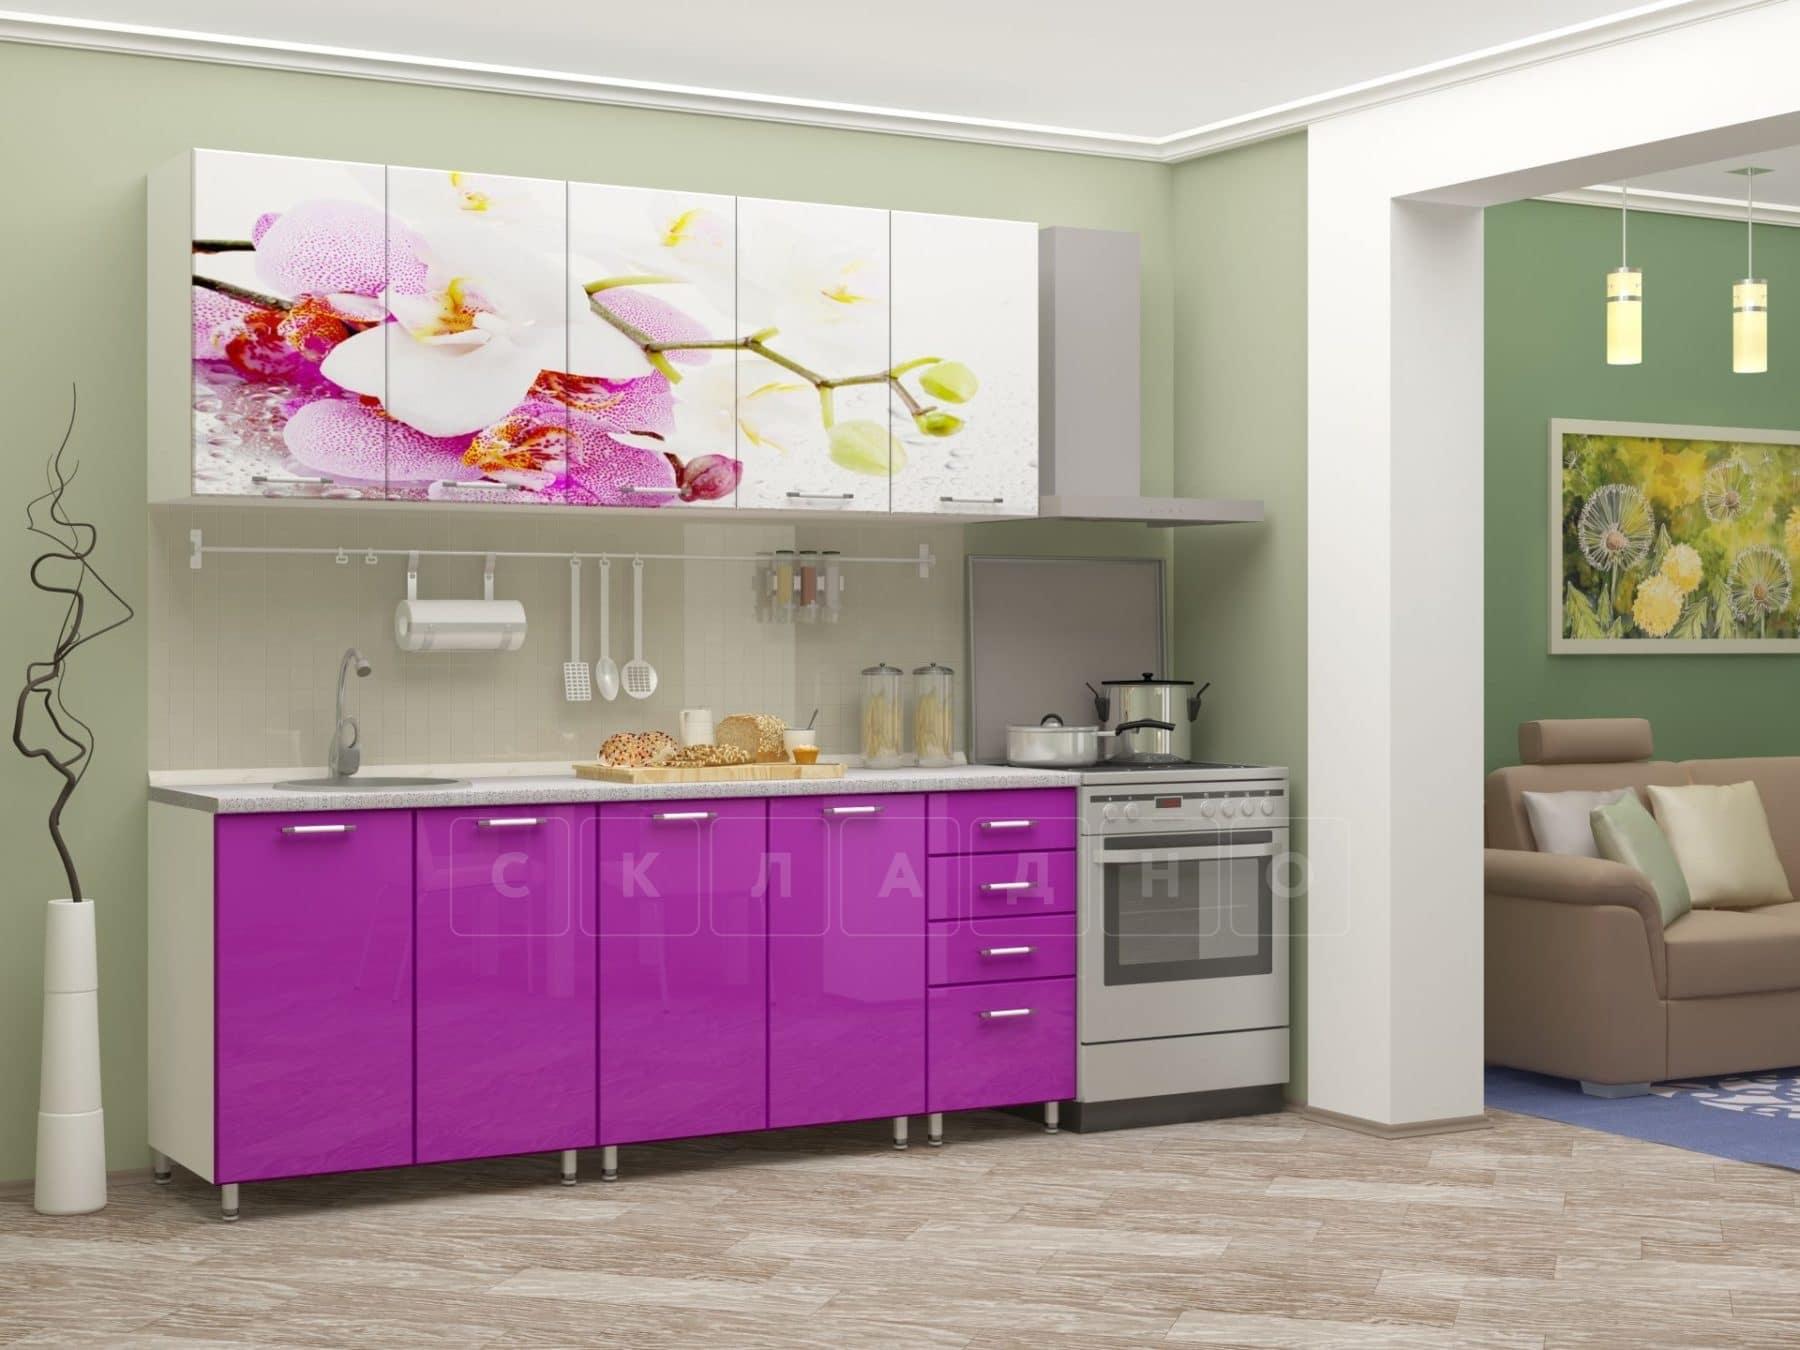 Кухня с фотопечатью Орхидея 2,0м фото 2 | интернет-магазин Складно